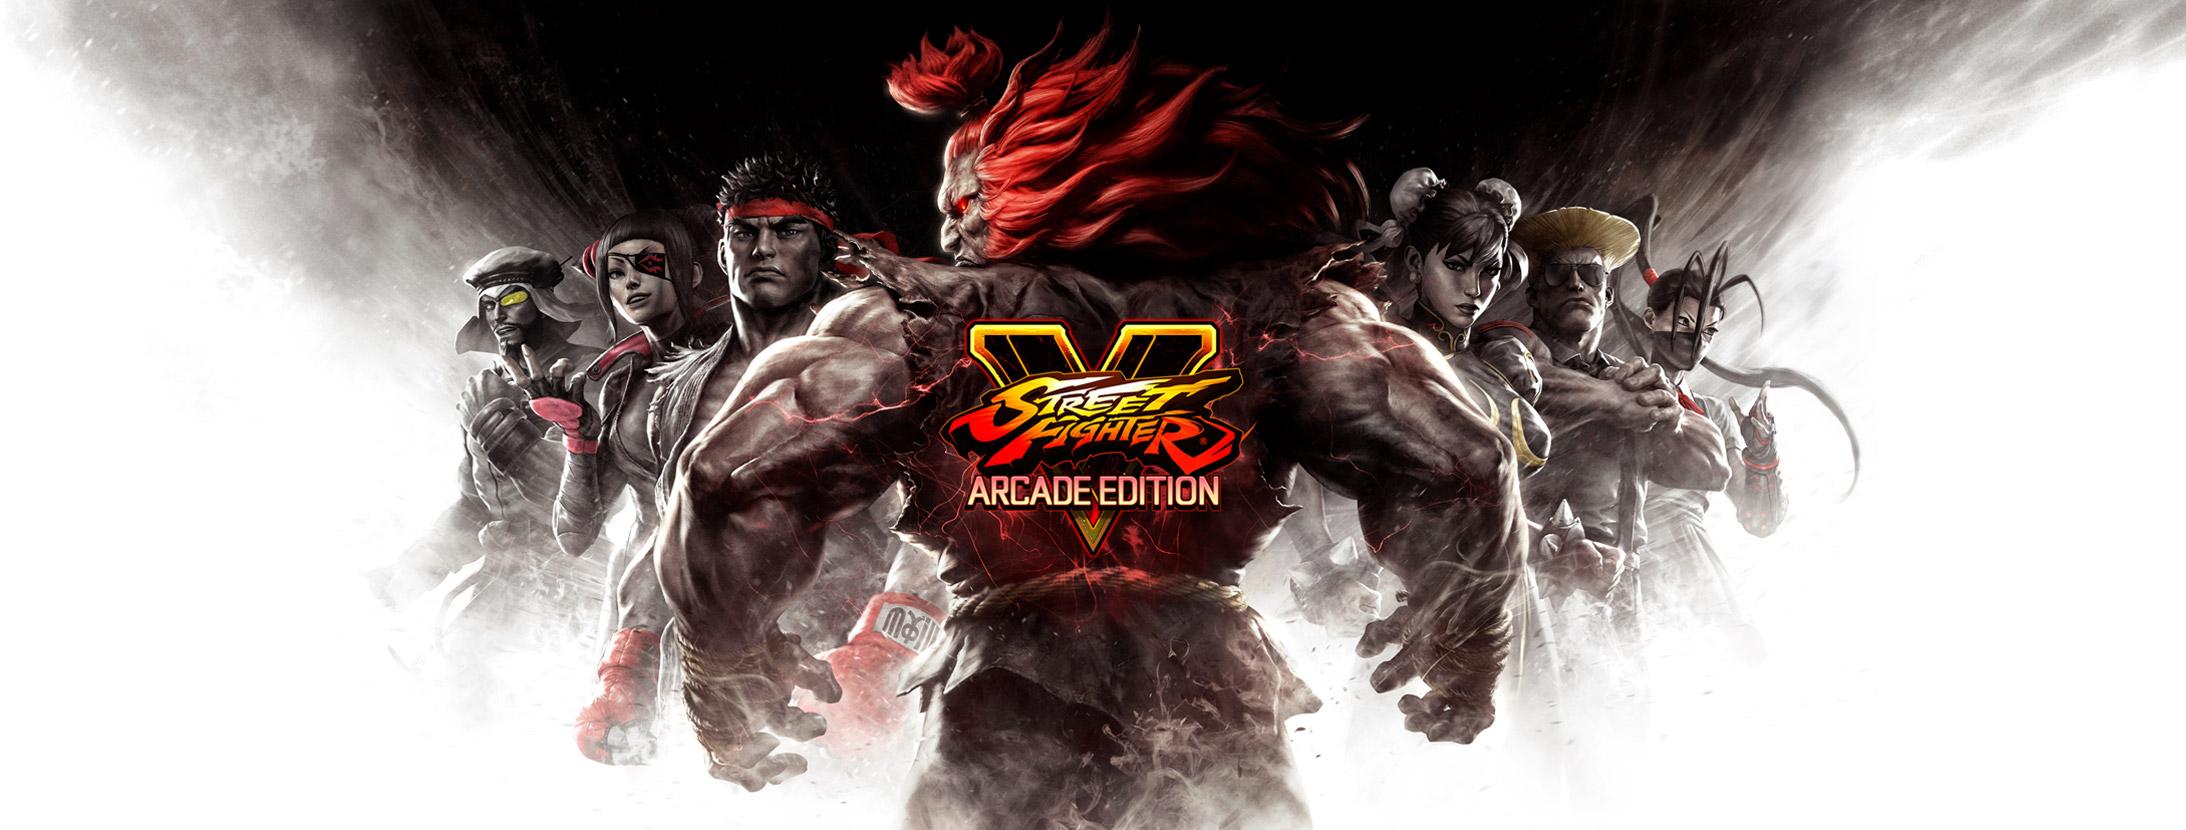 Street Fighter V: Arcade Edition – Recensione